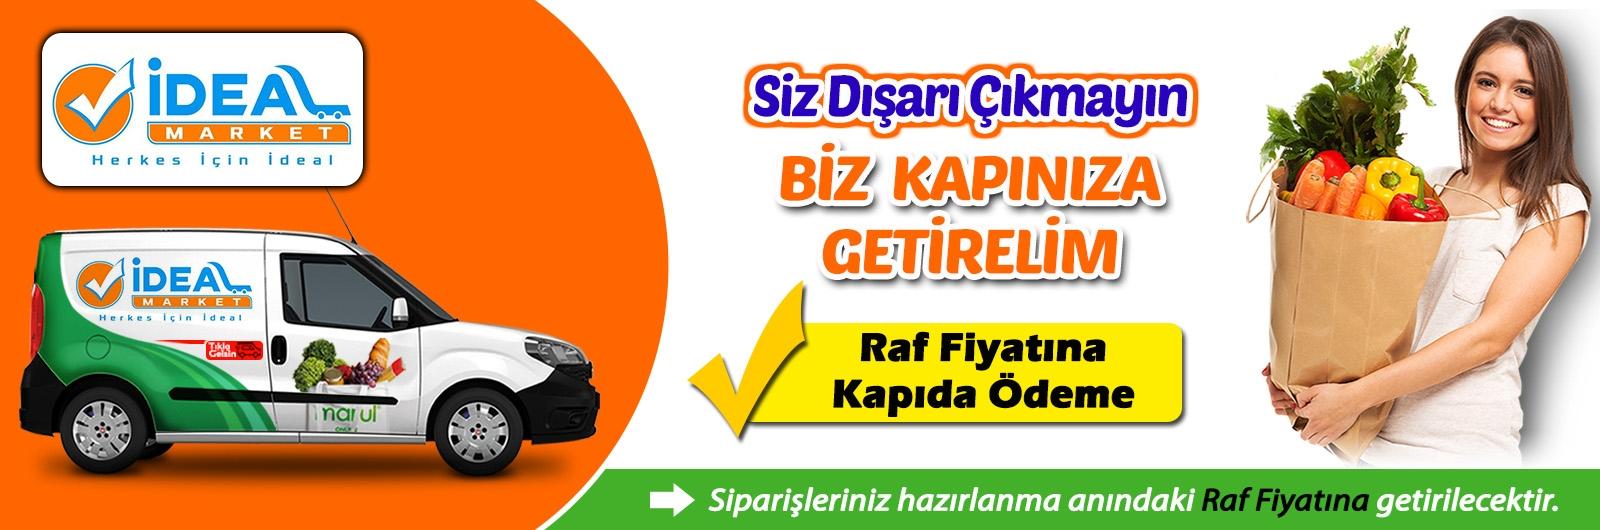 Karabük Safranbolu ideal market online sipariş